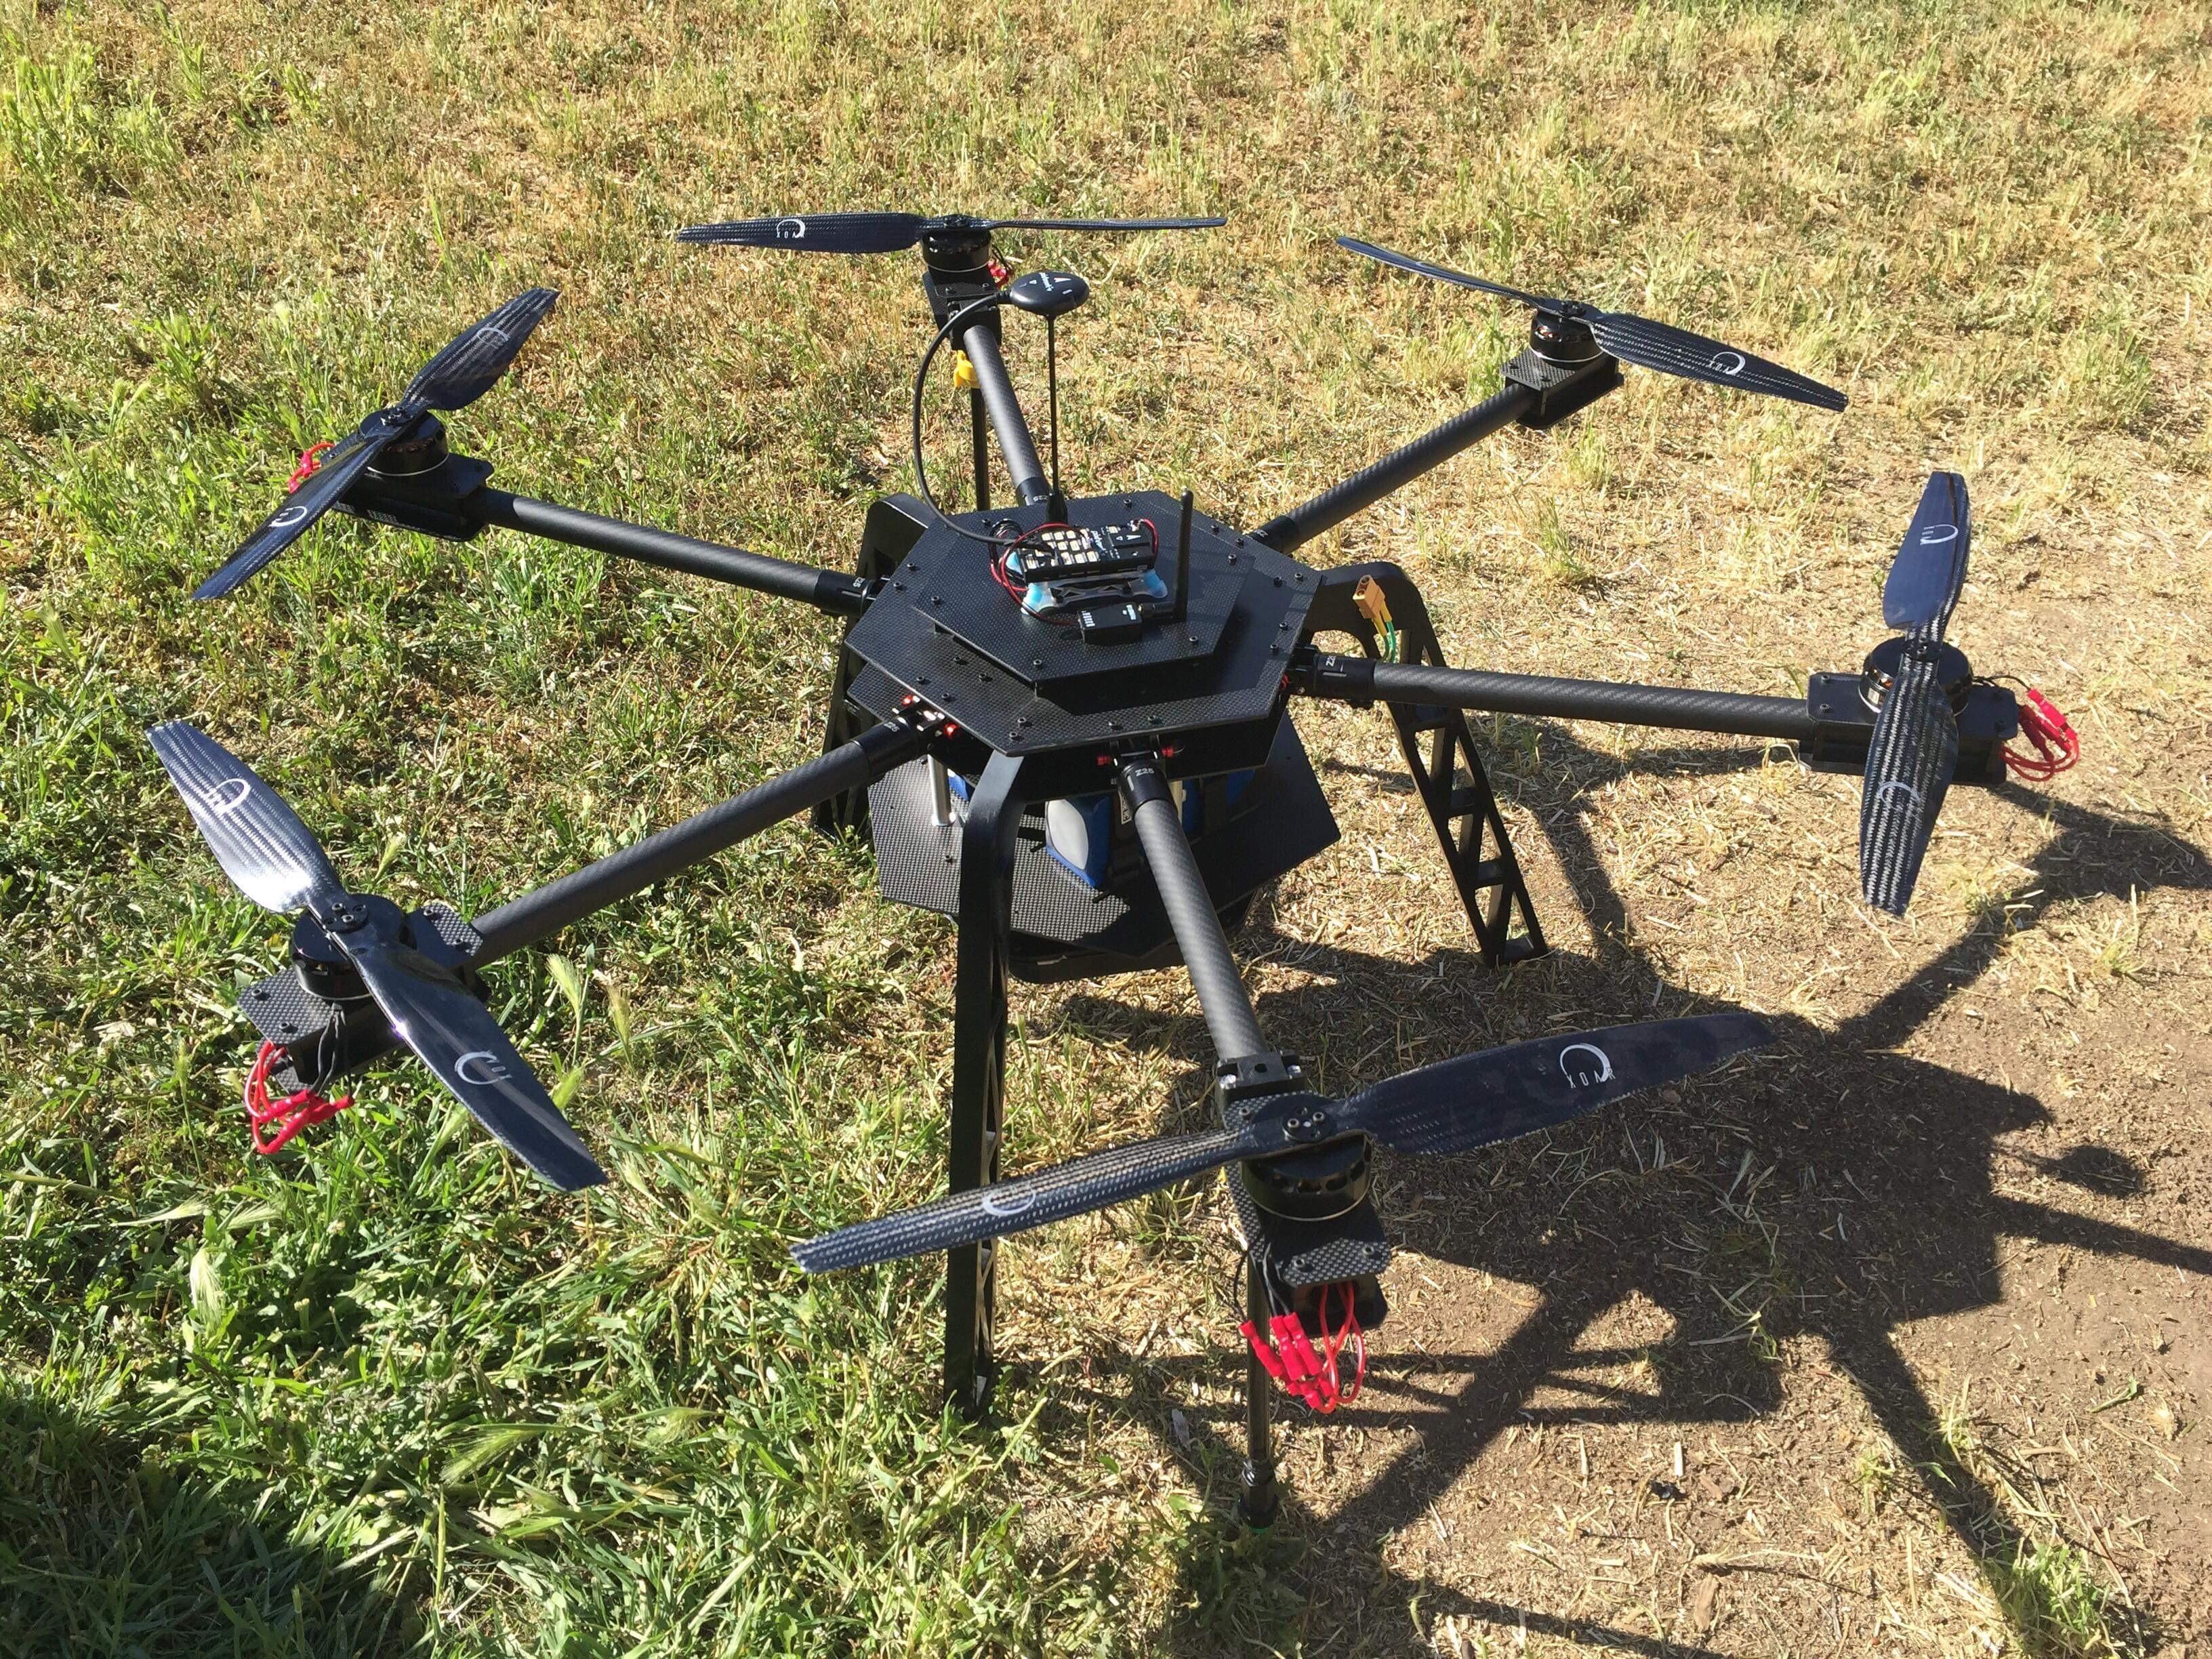 Drohne am Boden in der Wiese.